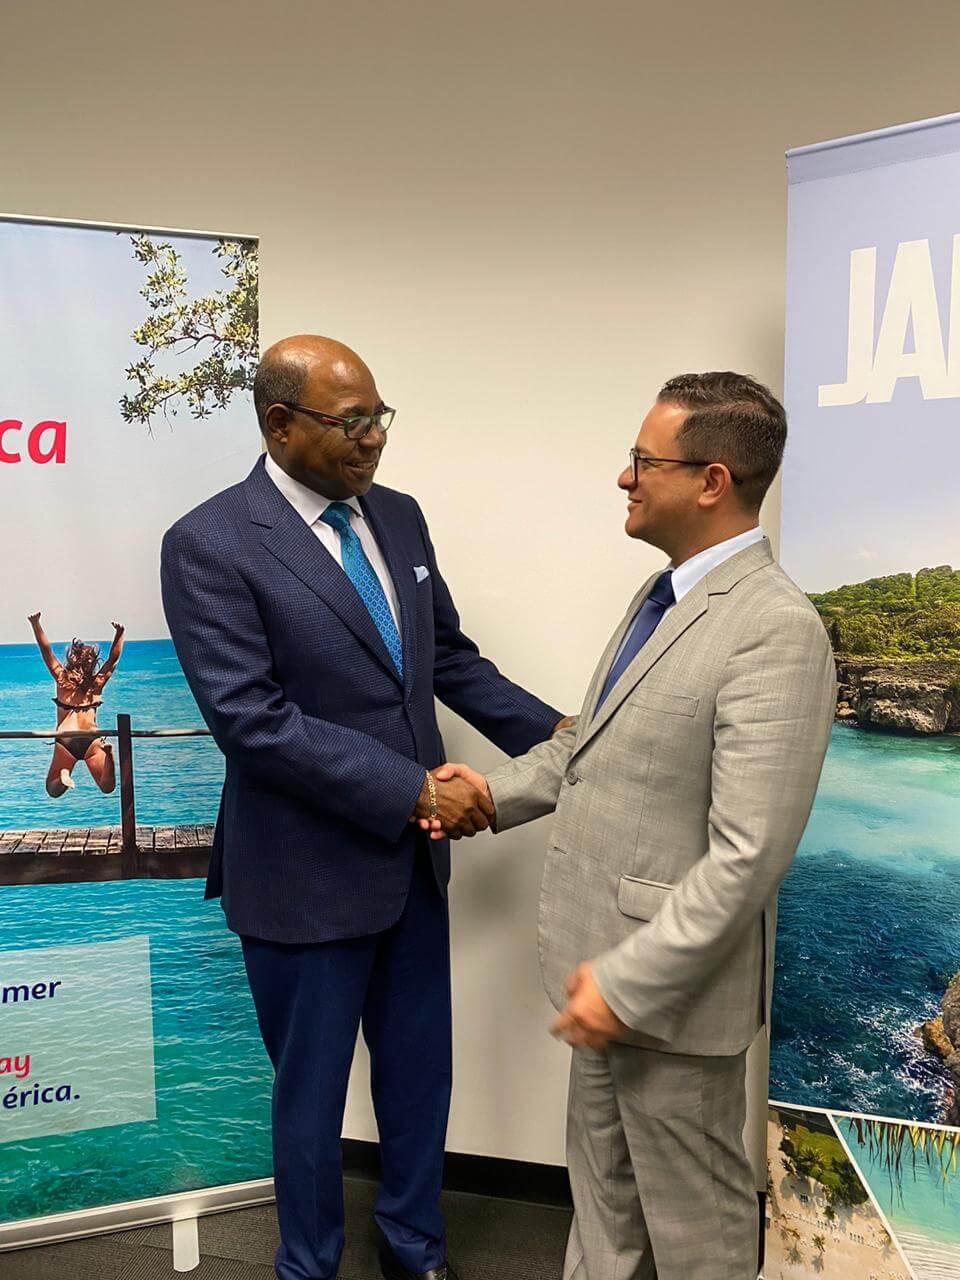 Saiki Jamaika minangka negara sing paling nyambung saka Amerika Selatan